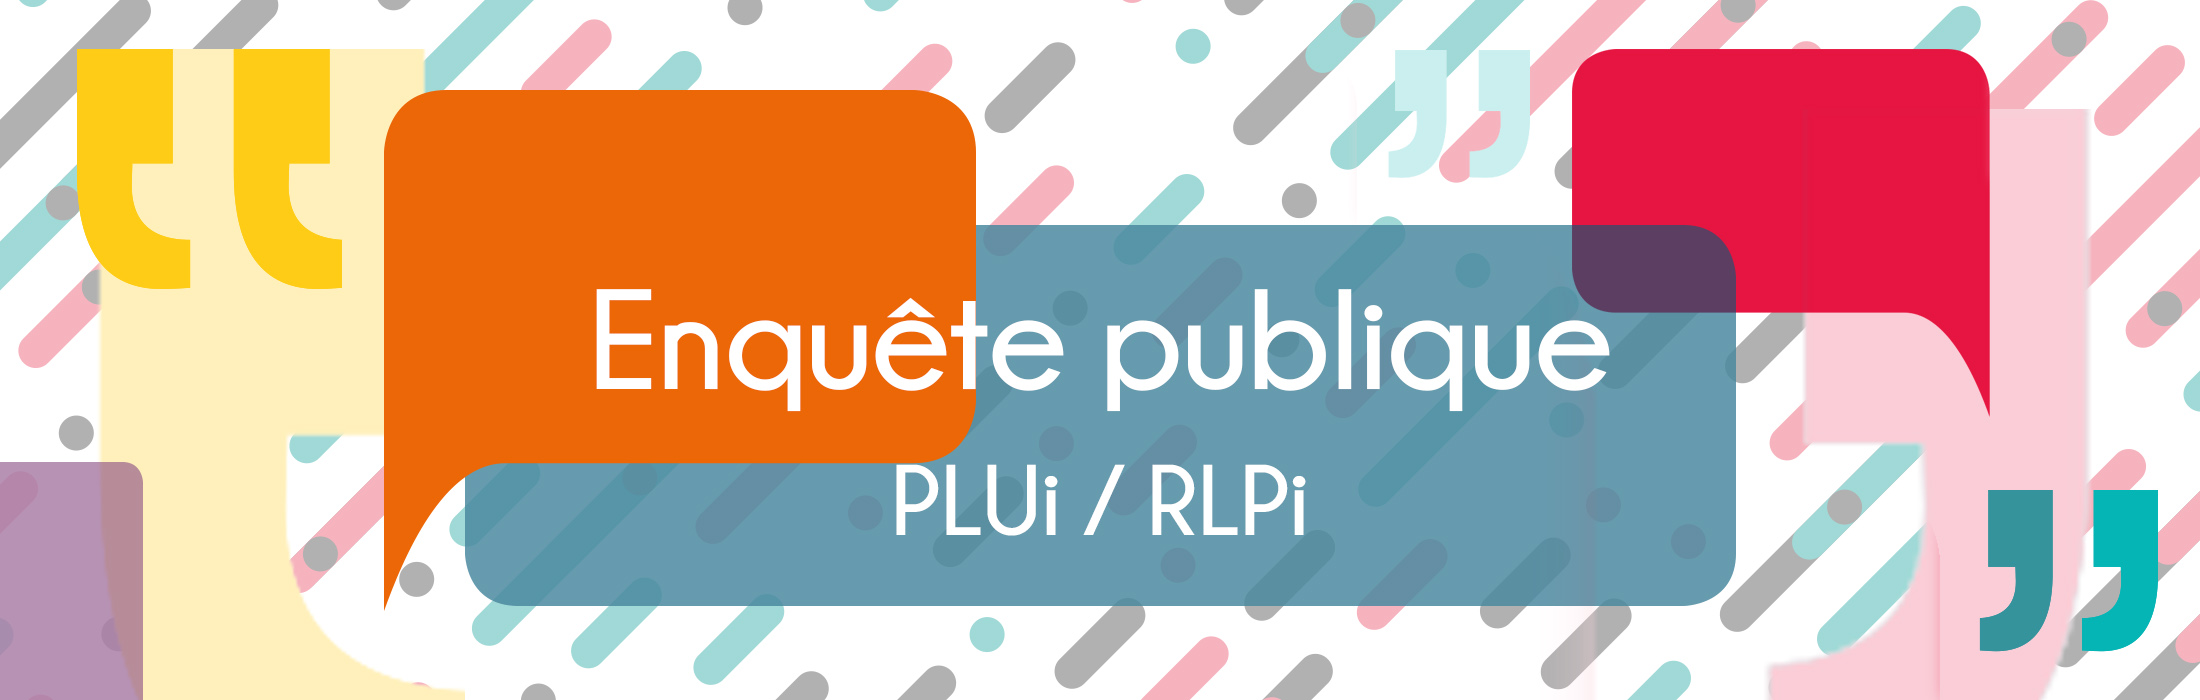 PLACE A L'ENQUETE PUBLIQUE PLUi / RLPi !